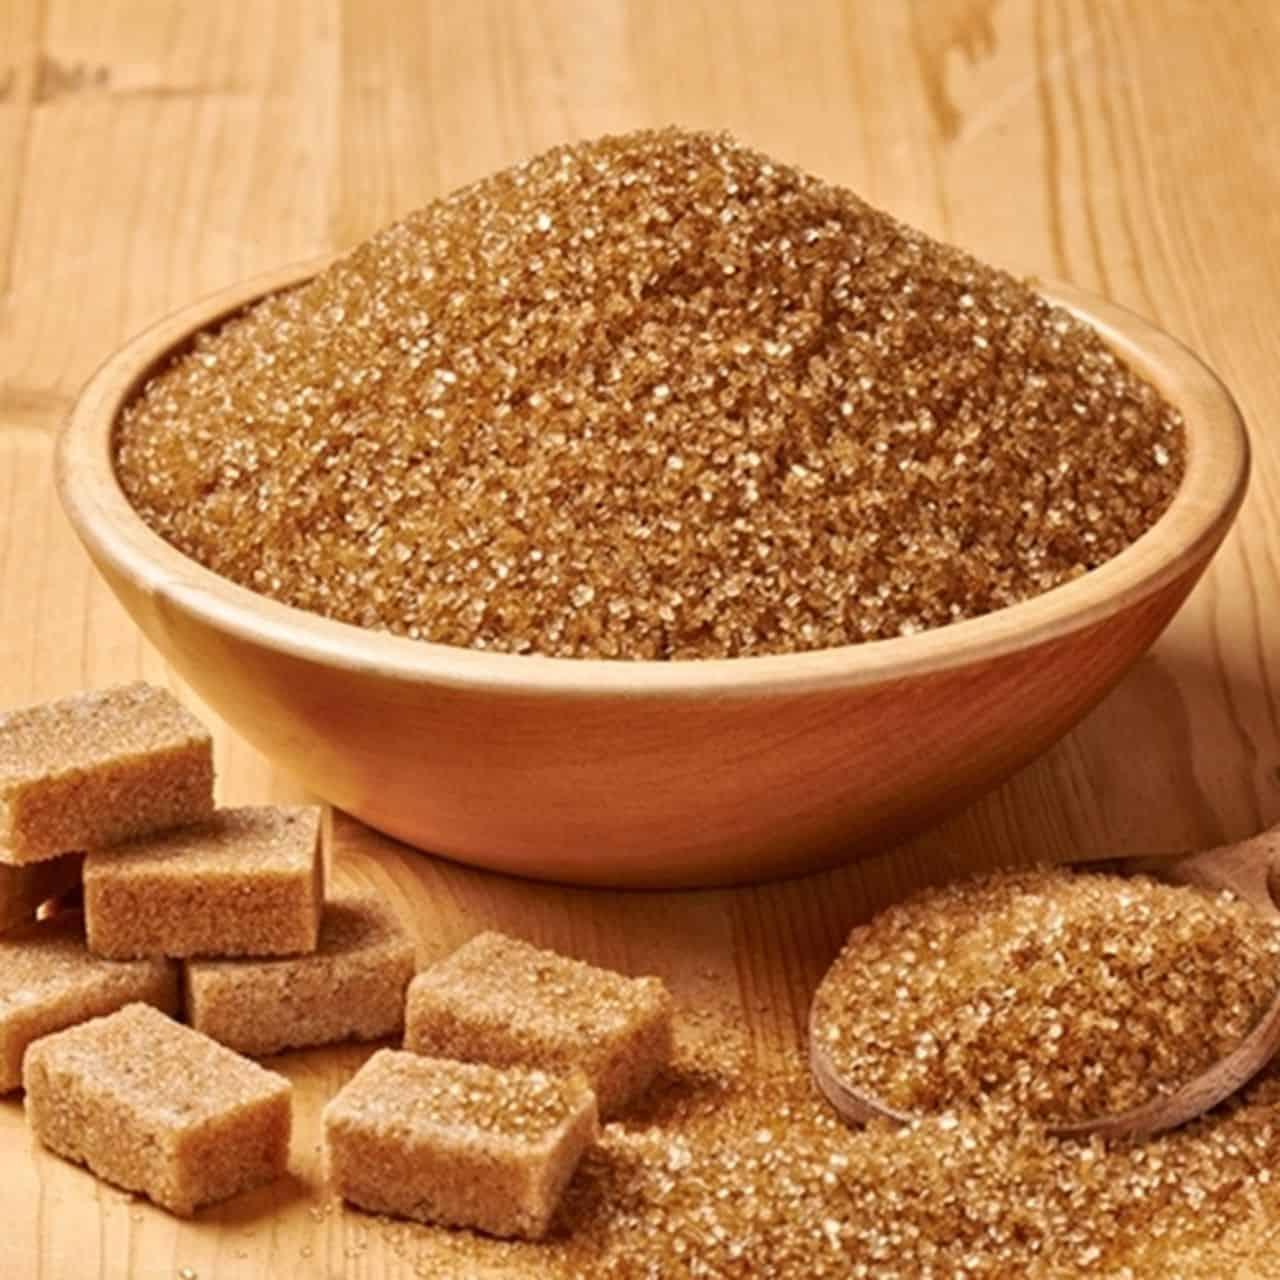 السكر البني إليك فوائده واستخداماته وأضراره مع طريقة الشراء مجلة رقيقة